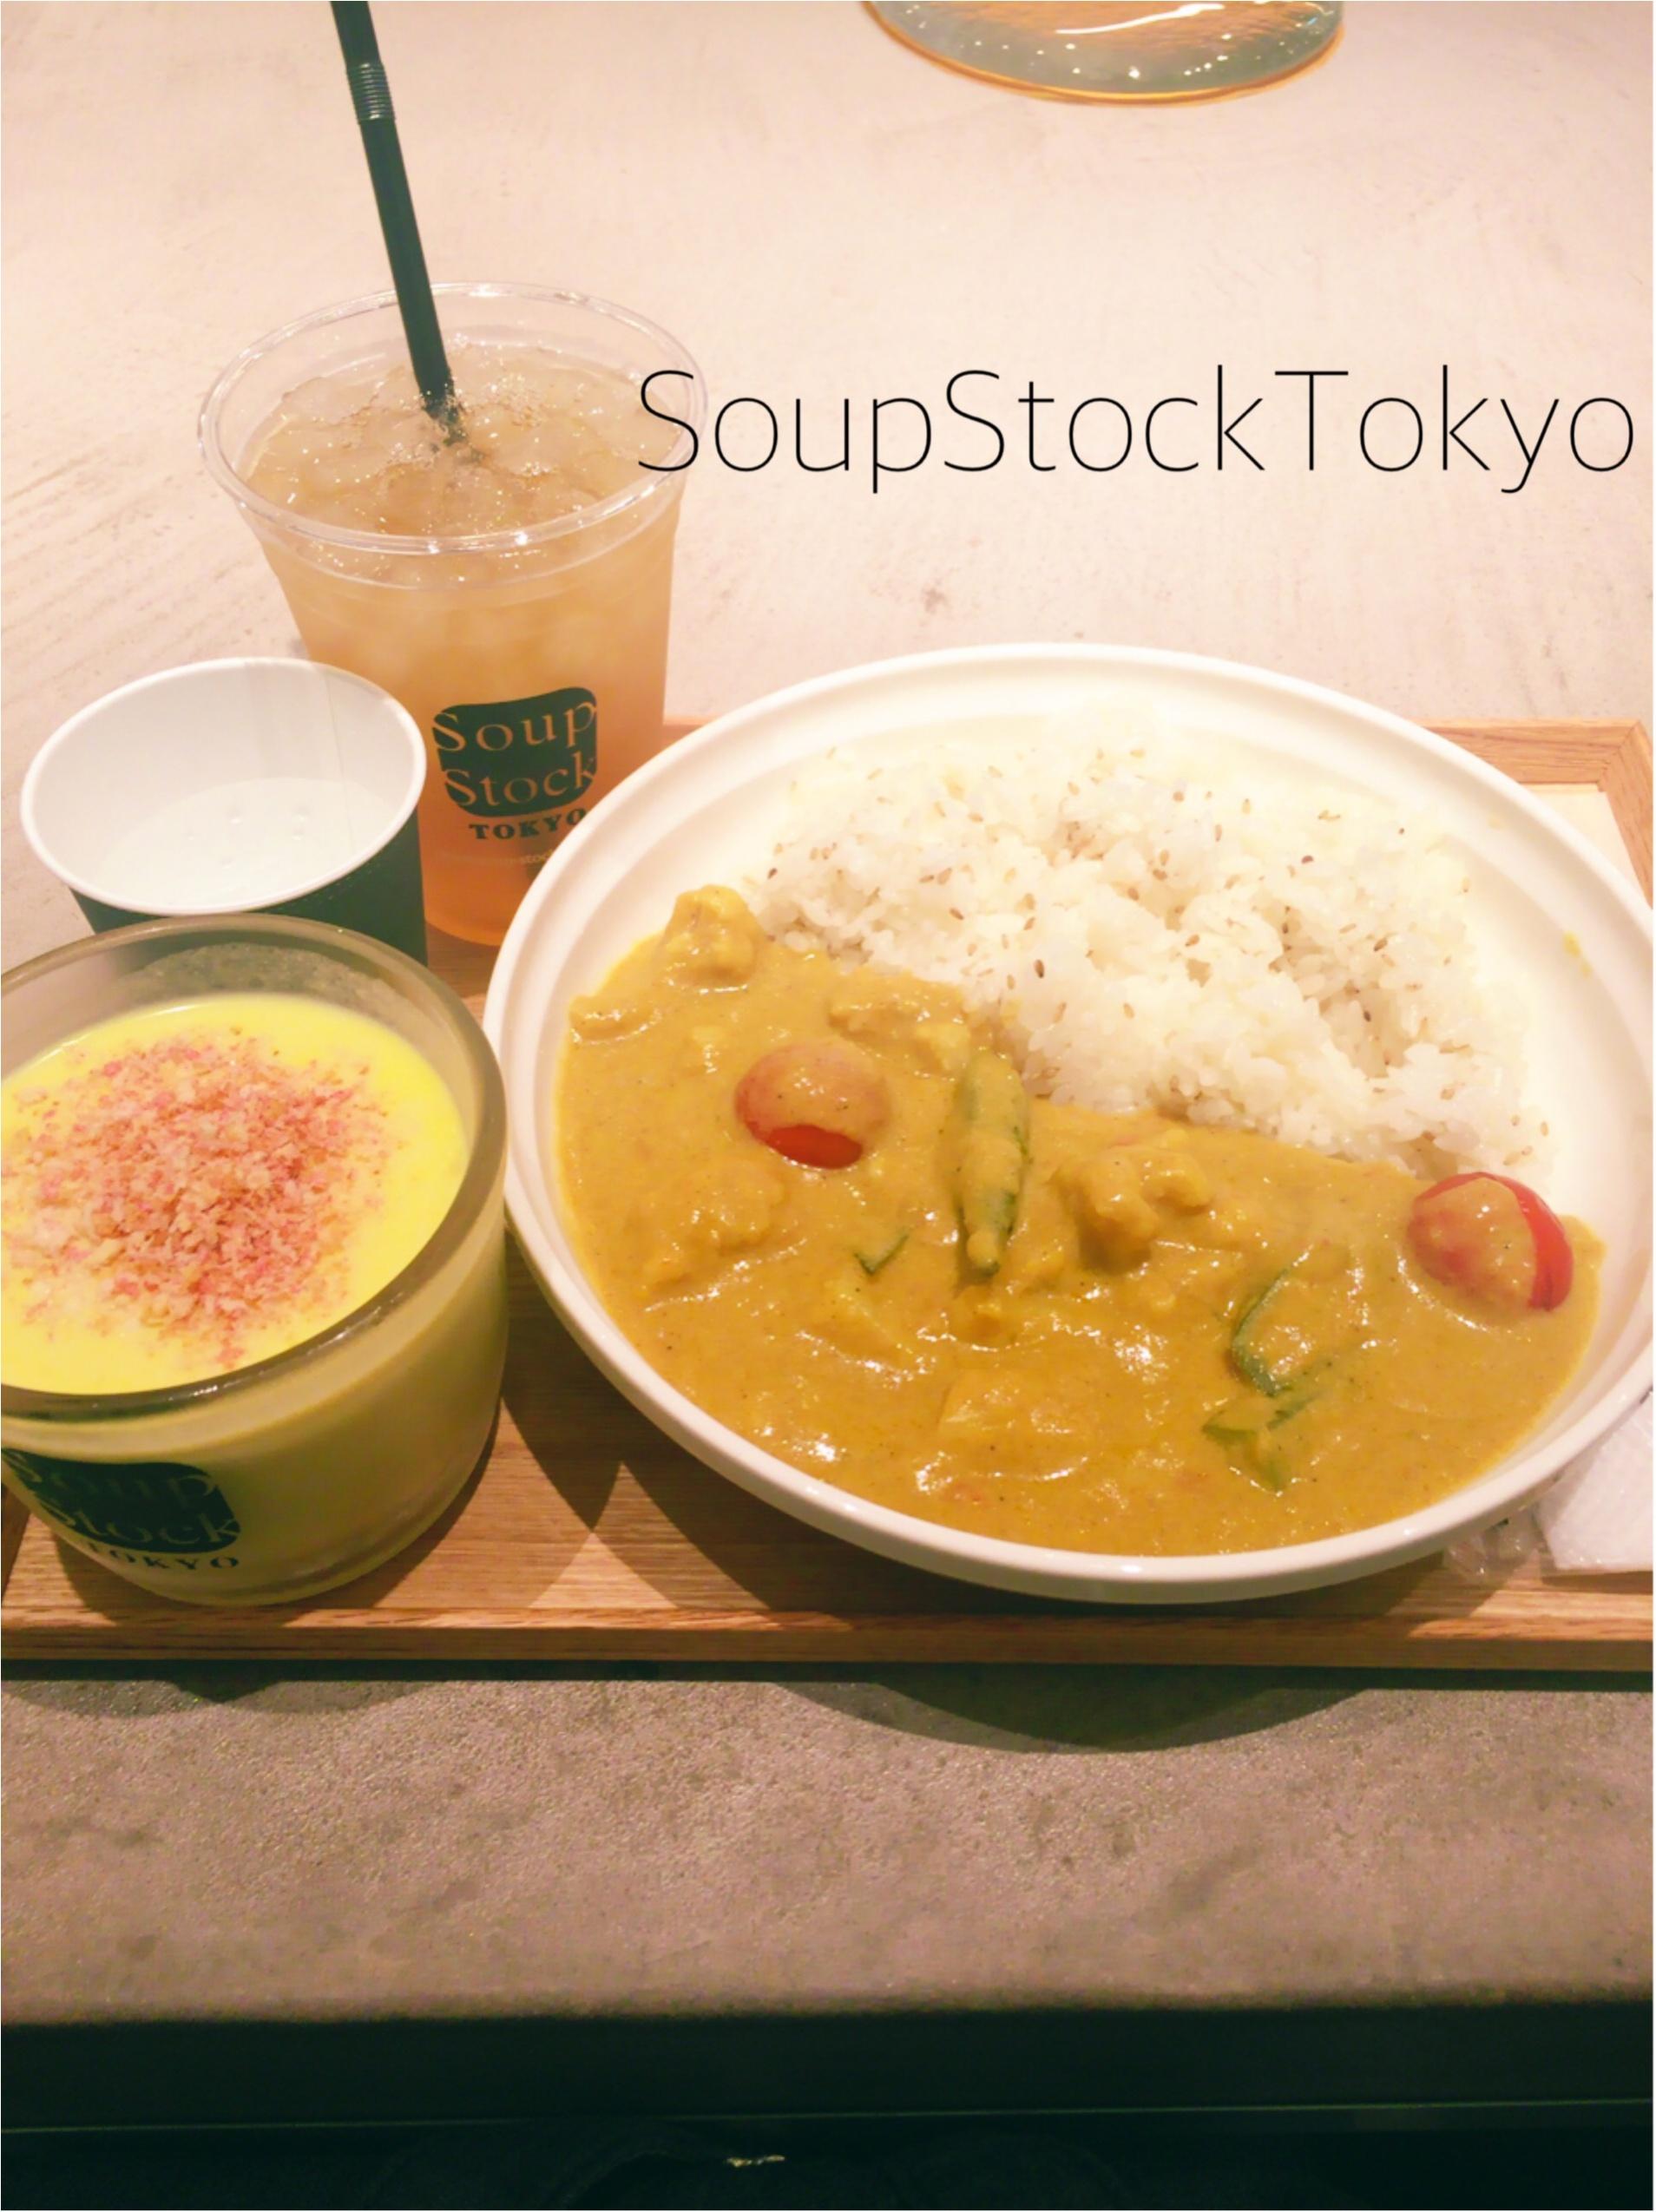 【カレー好き女子必読!】食べたことある?Soup Stock Tokyoのカレー❤︎_3